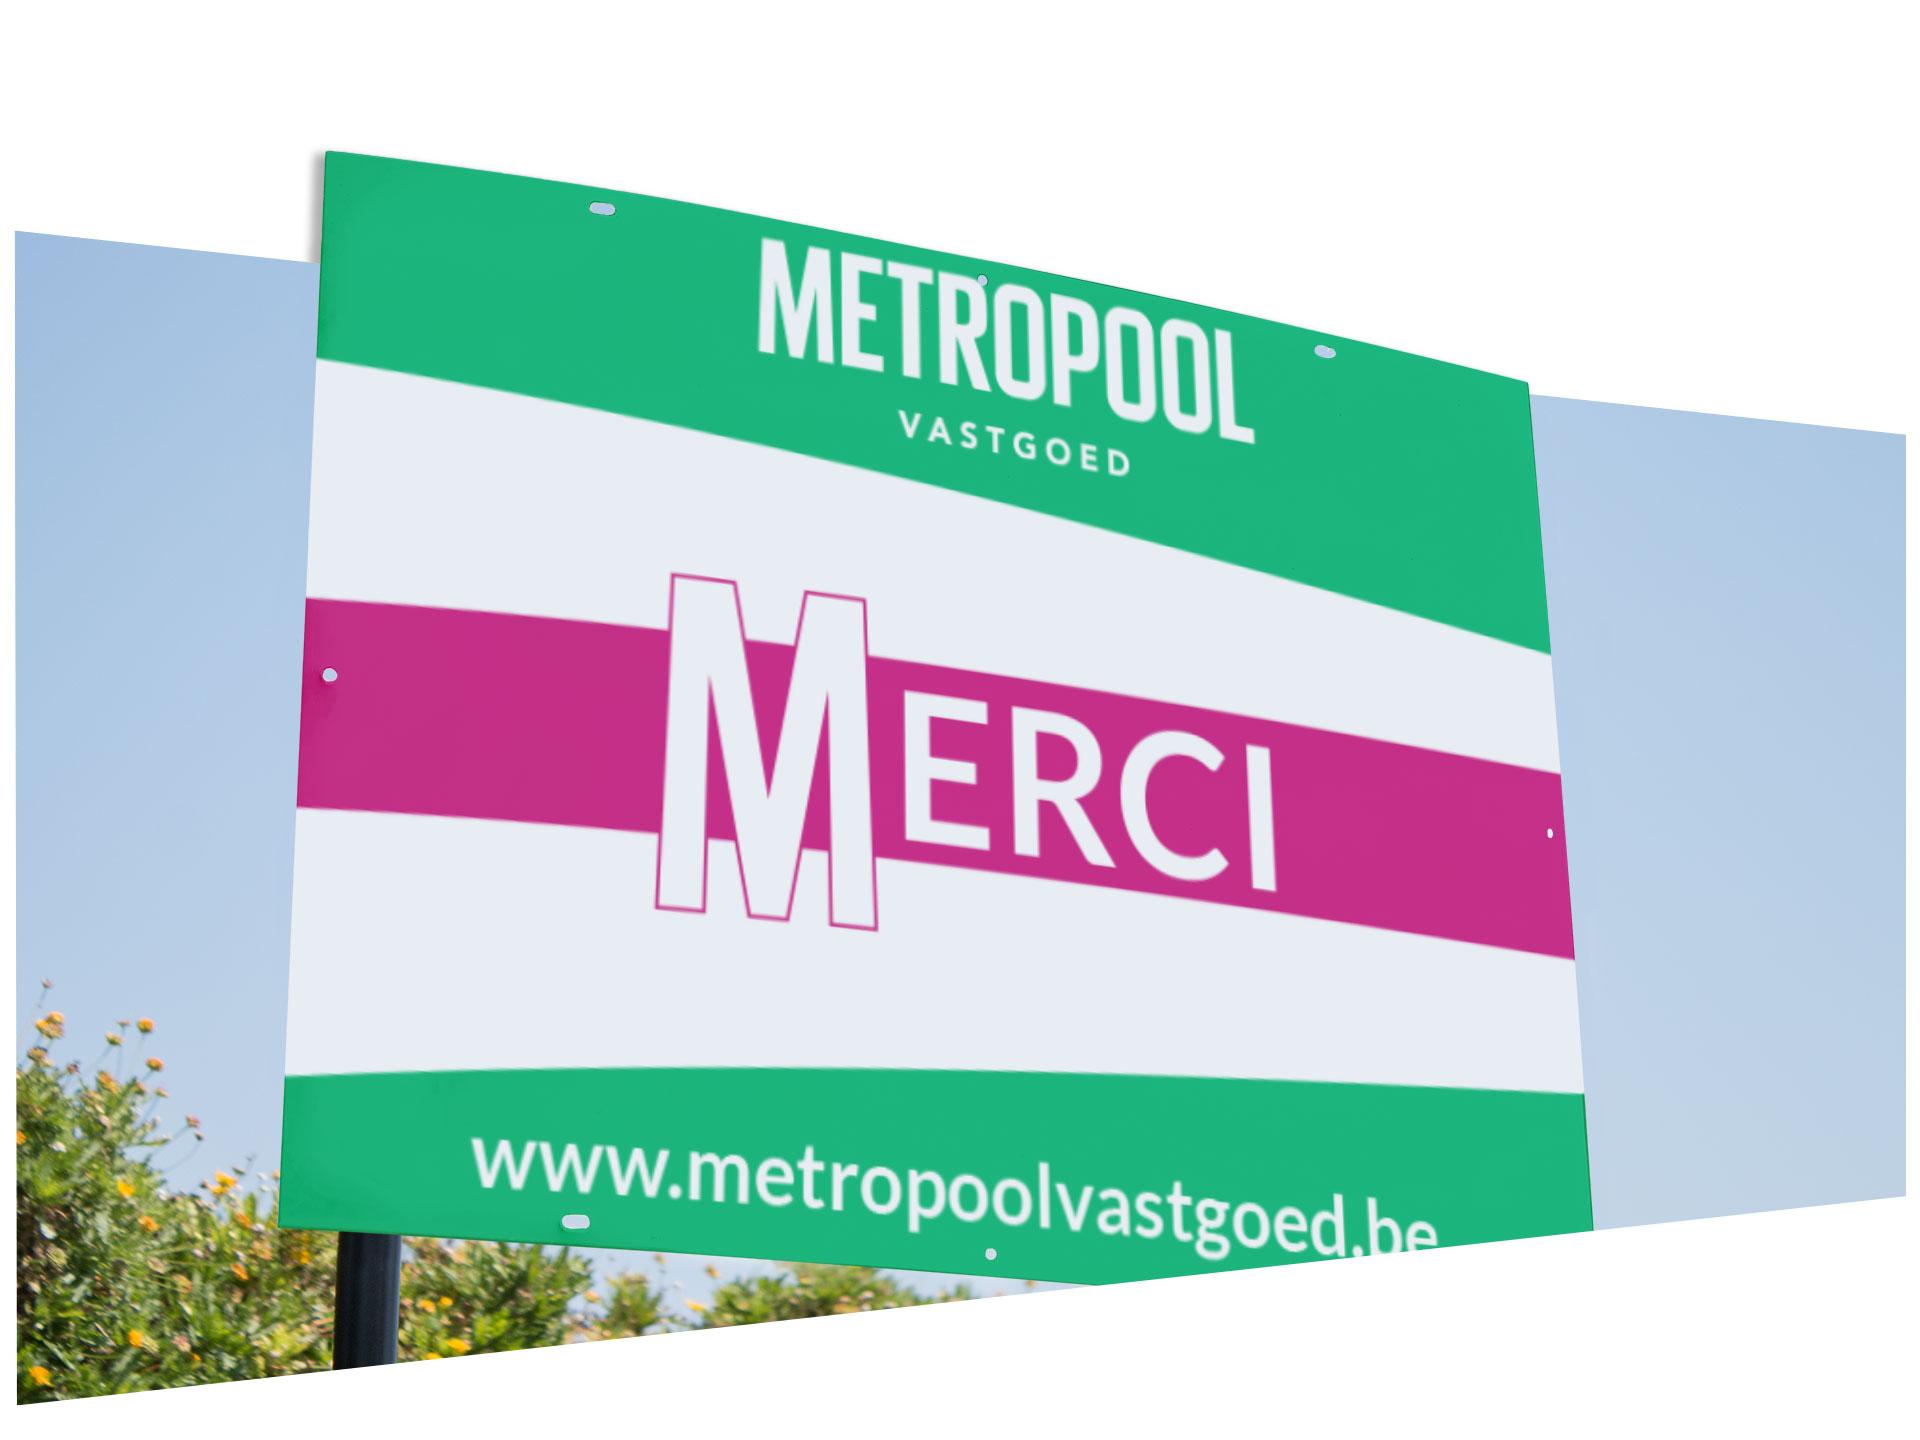 Verkoop je woning met Metropool Vastgoed